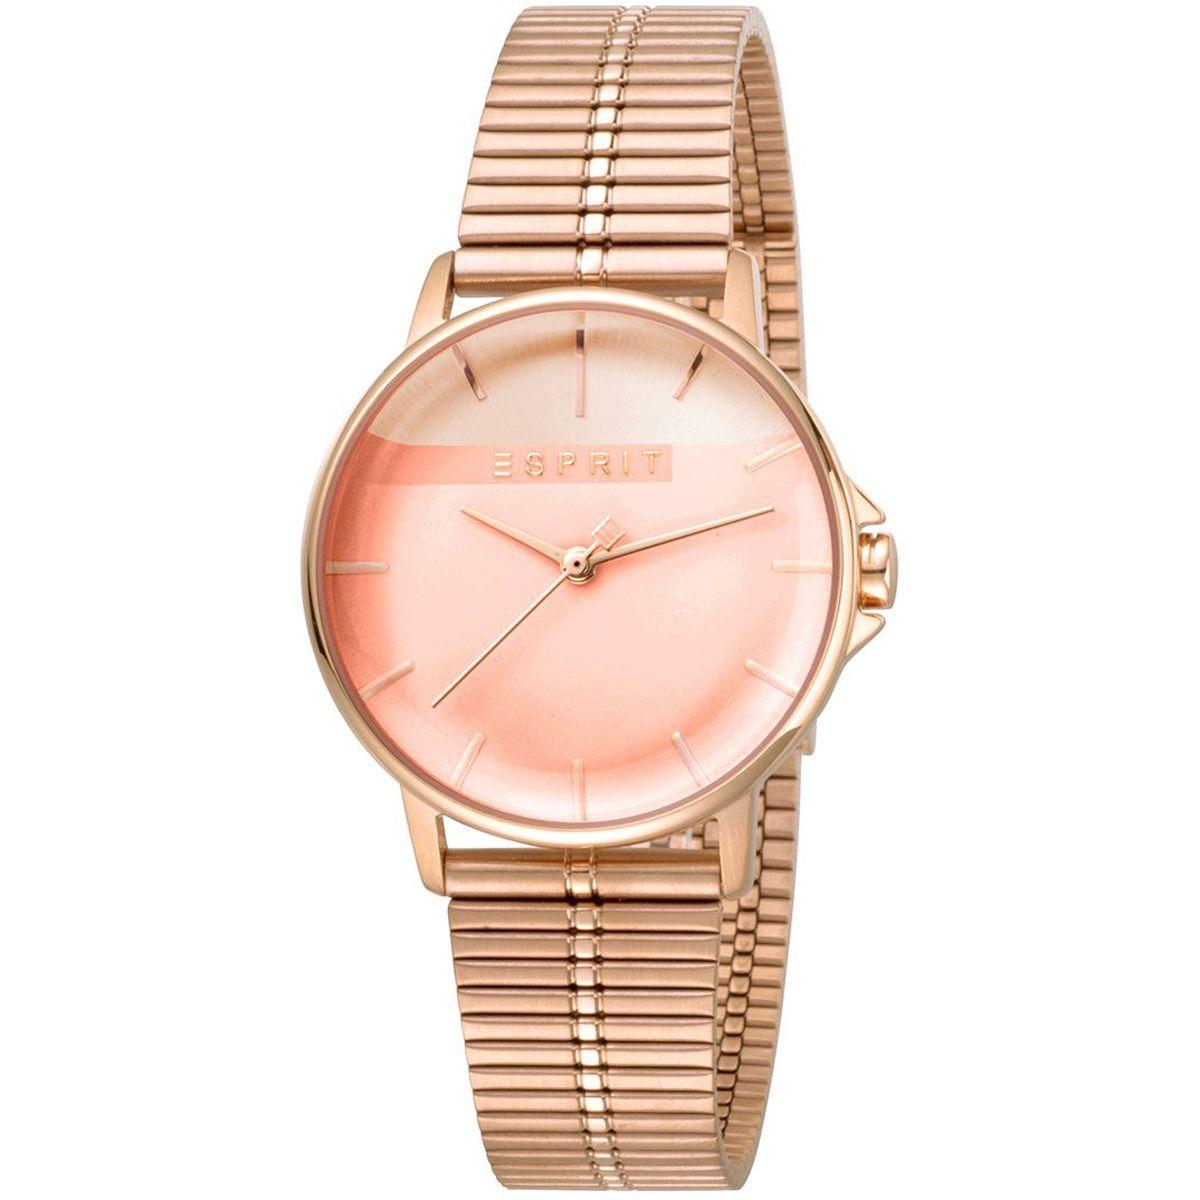 Esprit Watch ES1L065M0085 Women Rose Gold